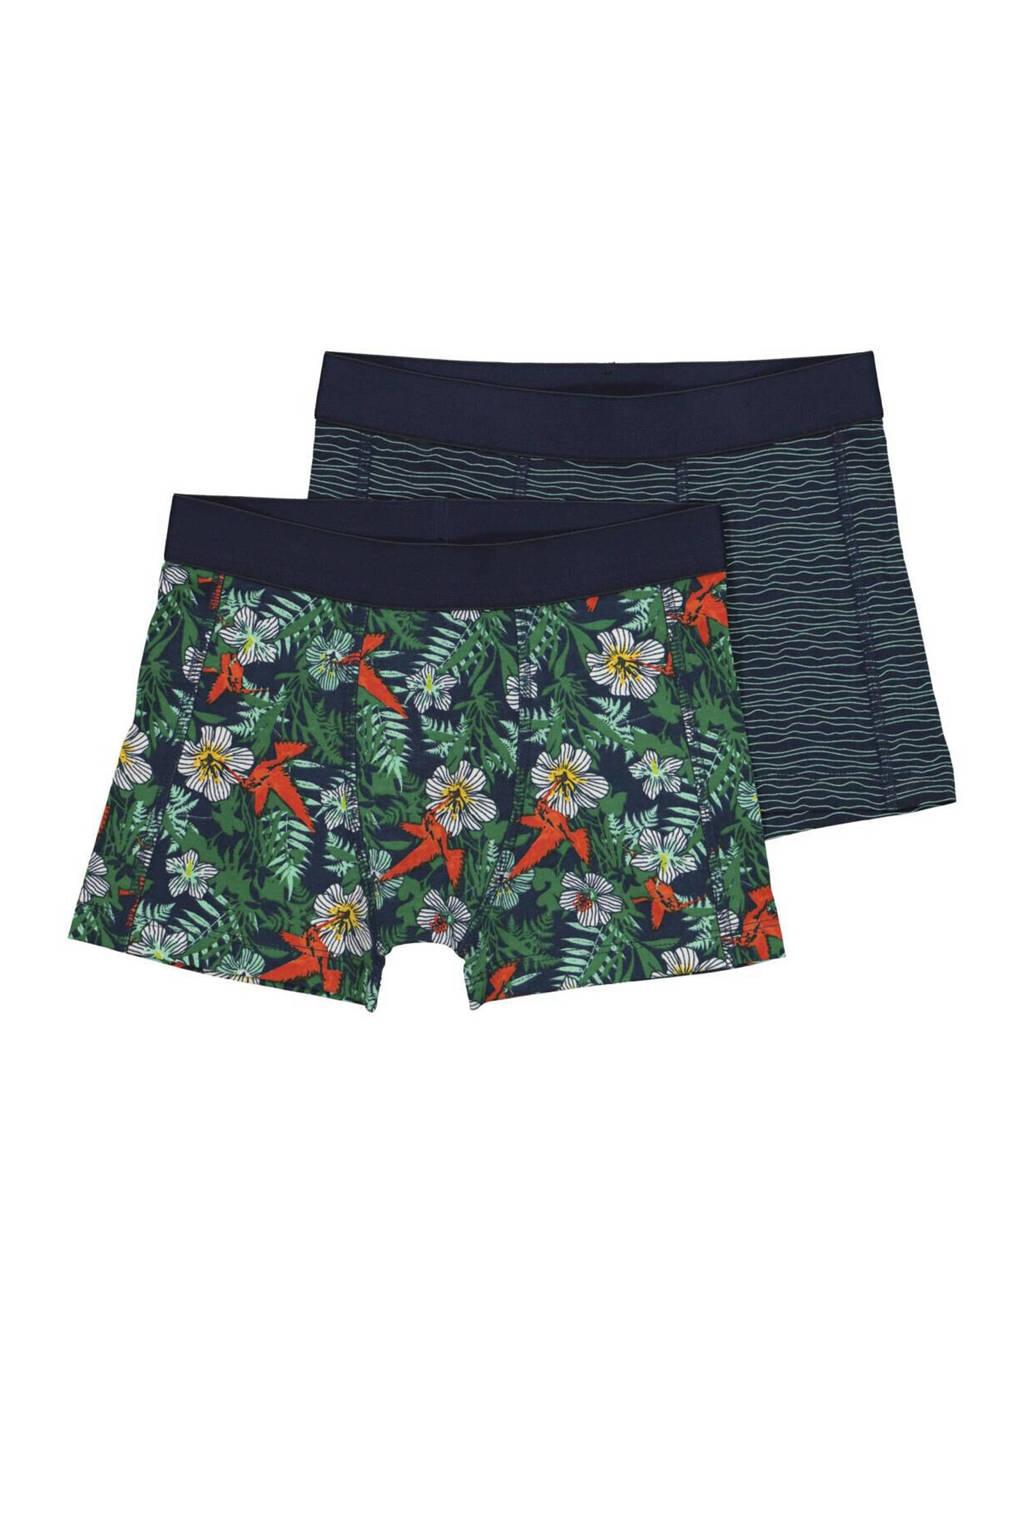 HEMA   boxershort - set van 2 all over print groen/blauw, Groen